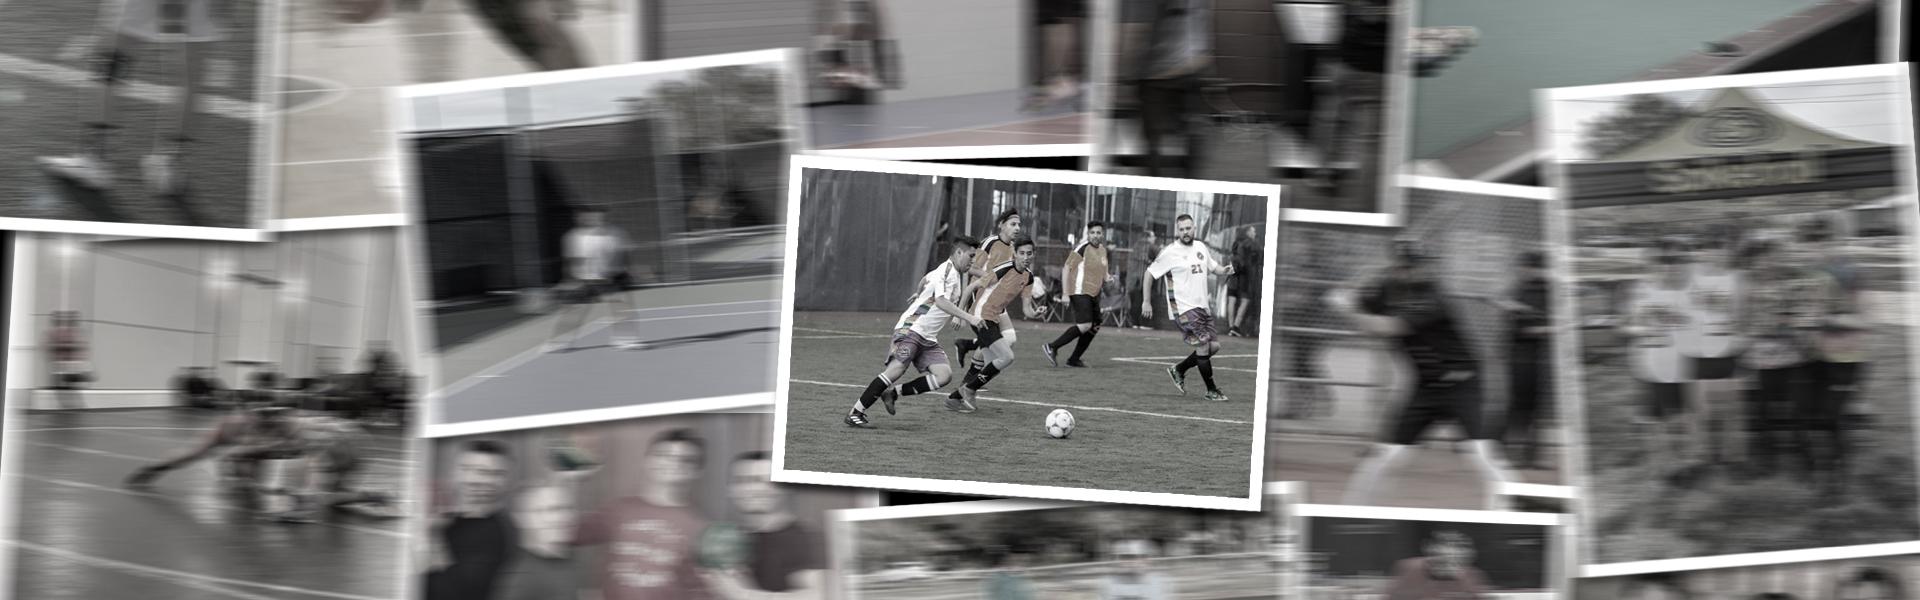 Soccer - 2022